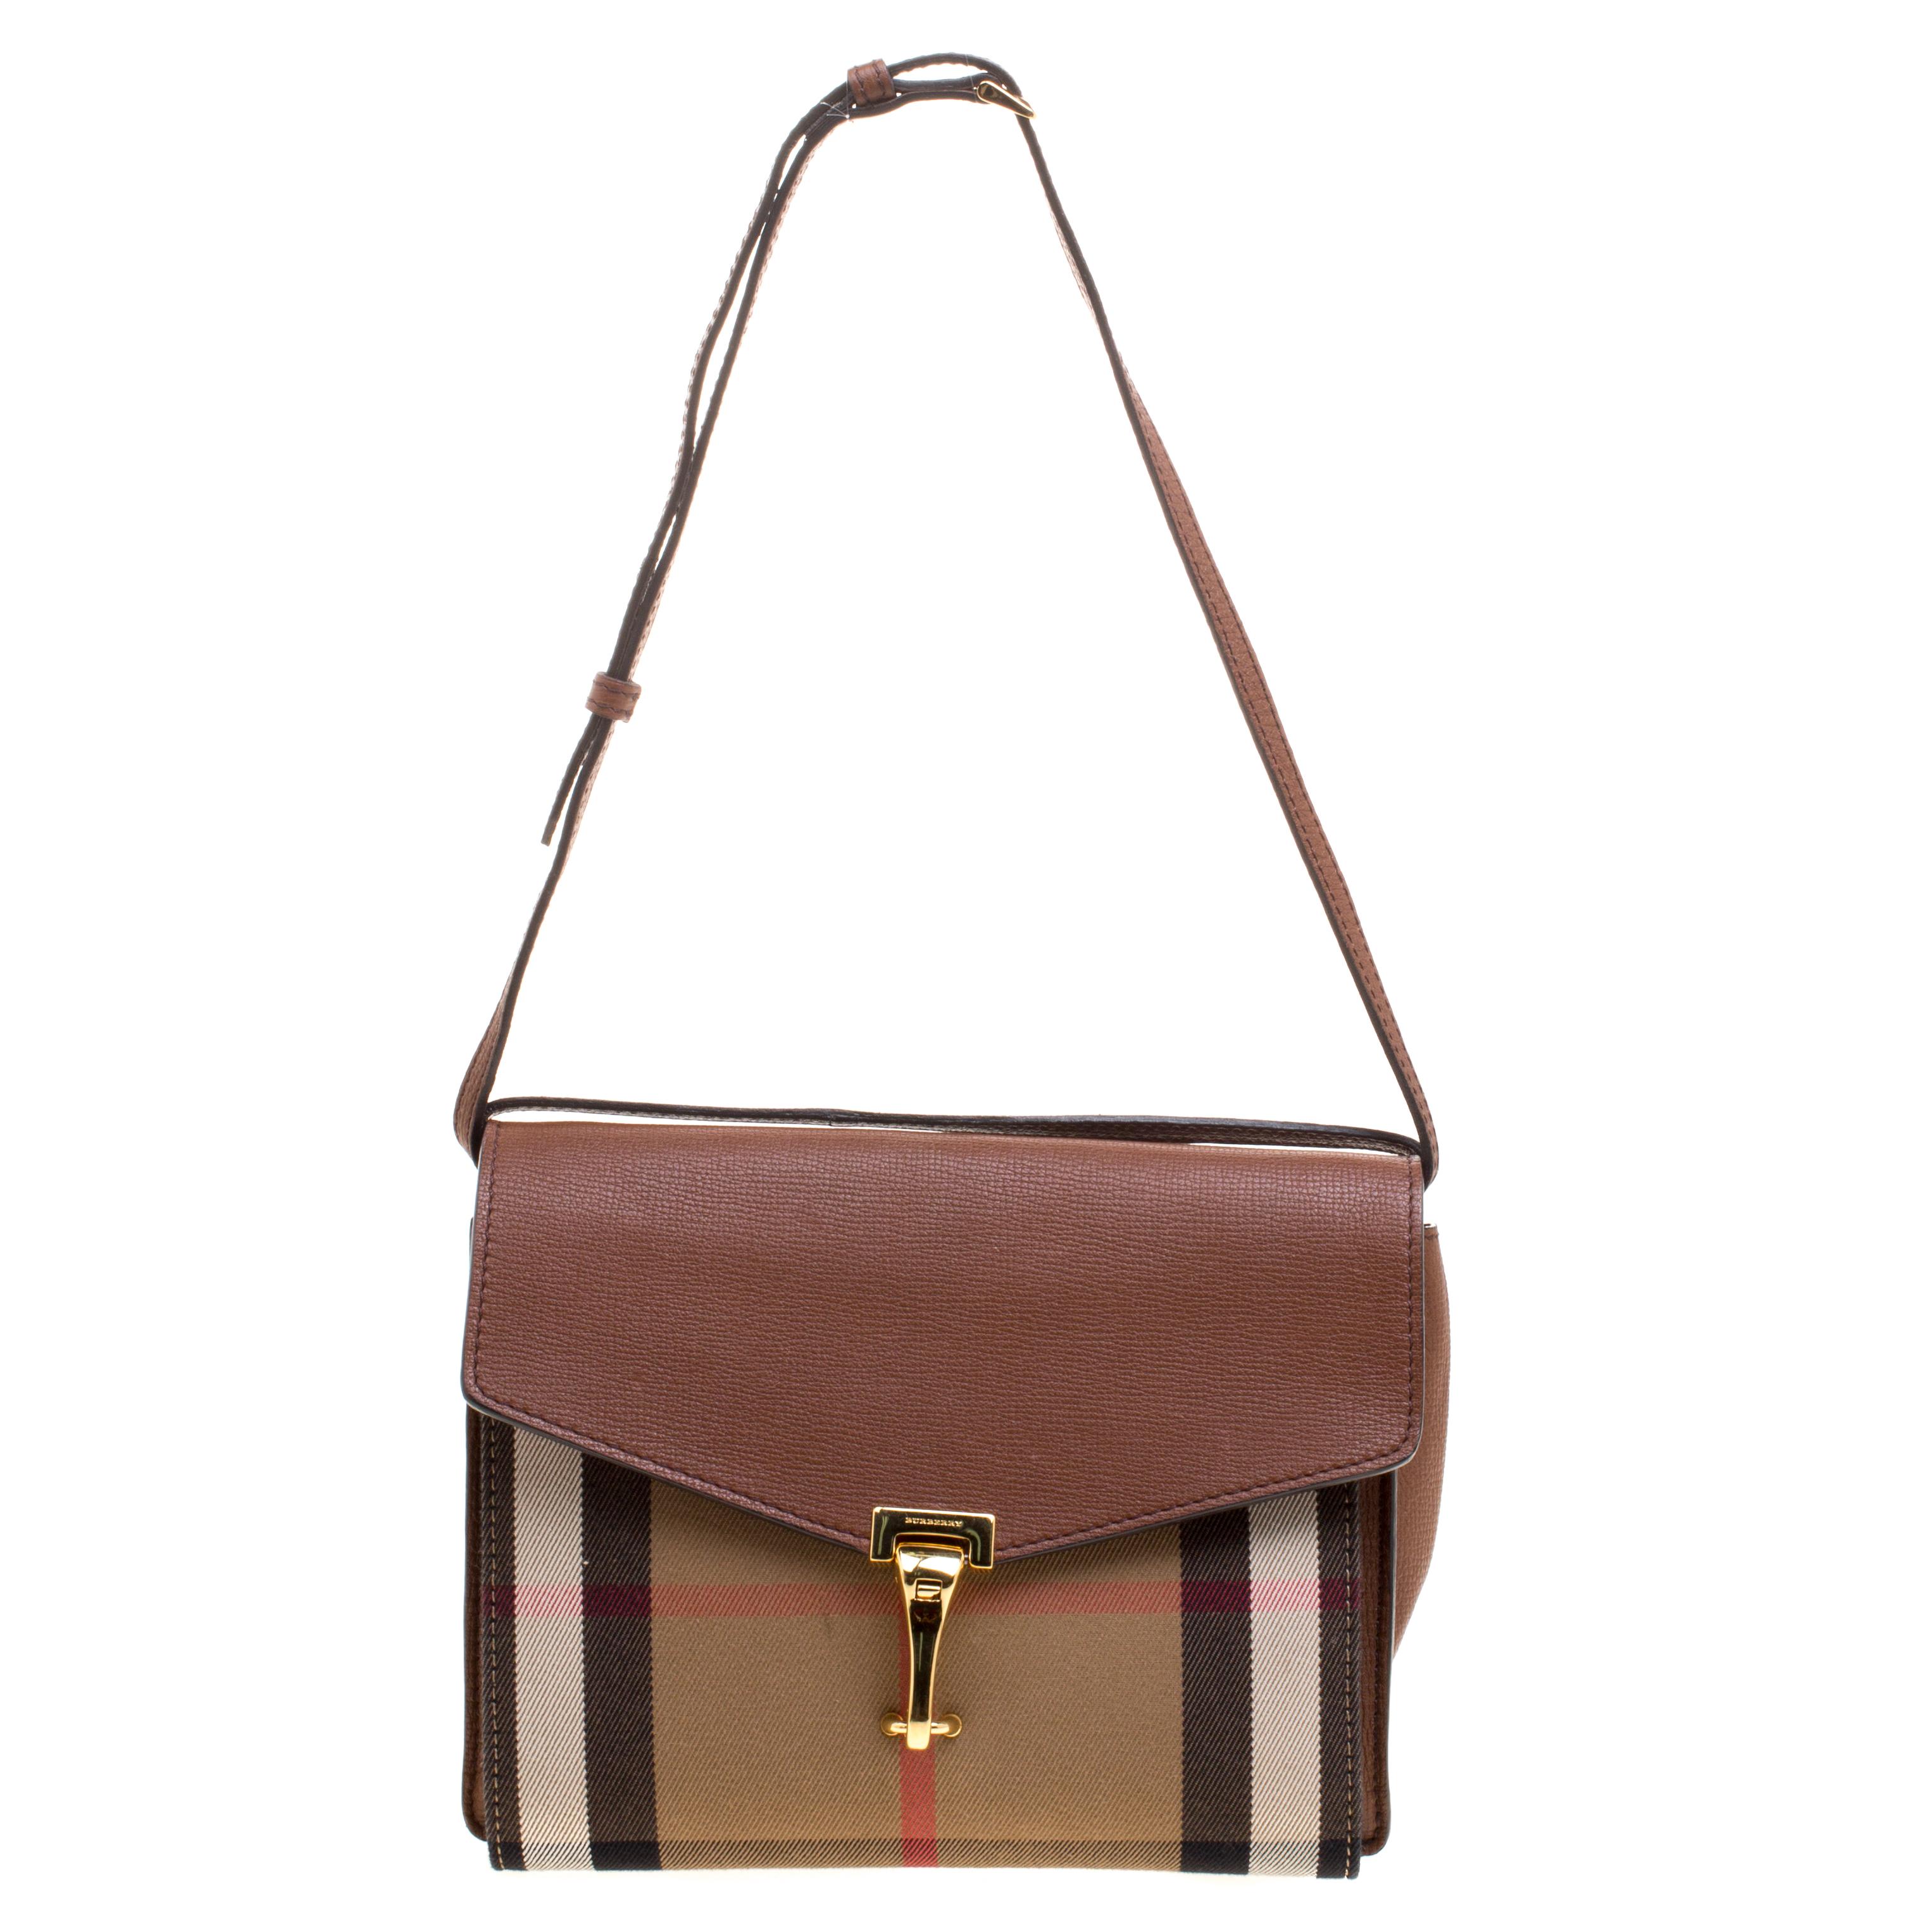 6e0da4d185e Buy Burberry Brown House Check Fabric and Leather Crossbody Bag ...